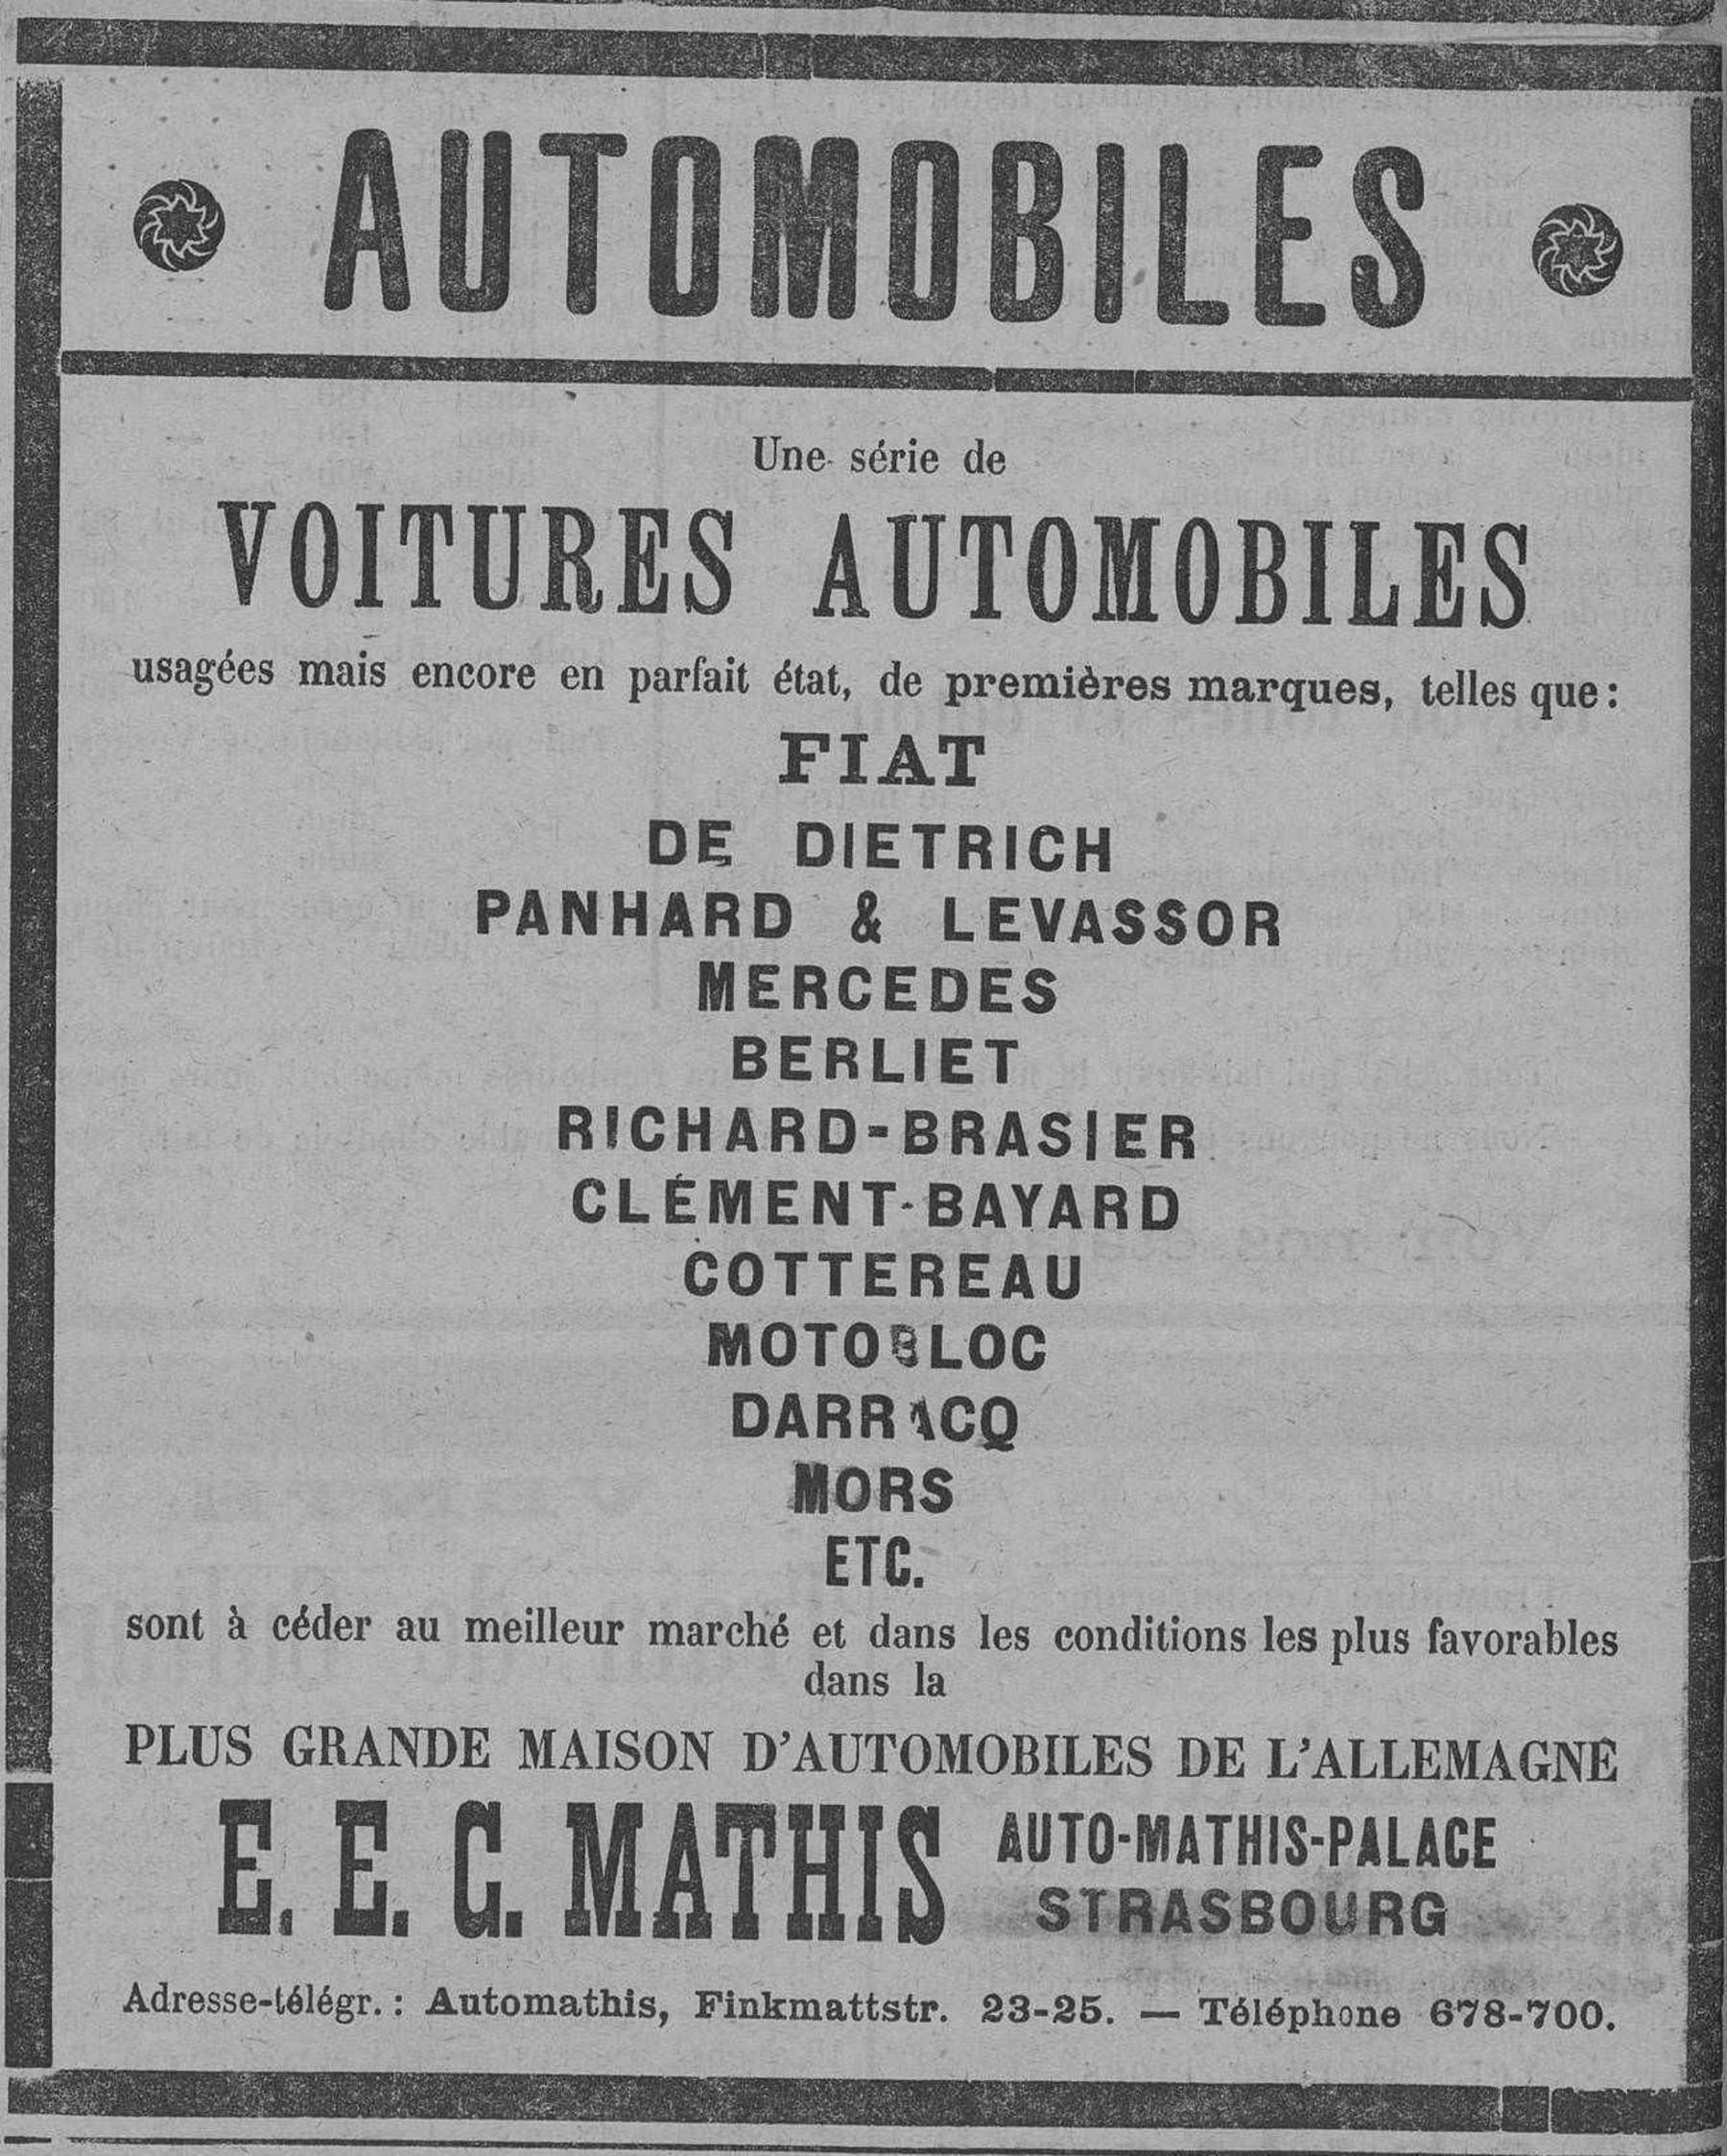 Contenu du Une série de voitures automobiles usagées mais encore en parfait état